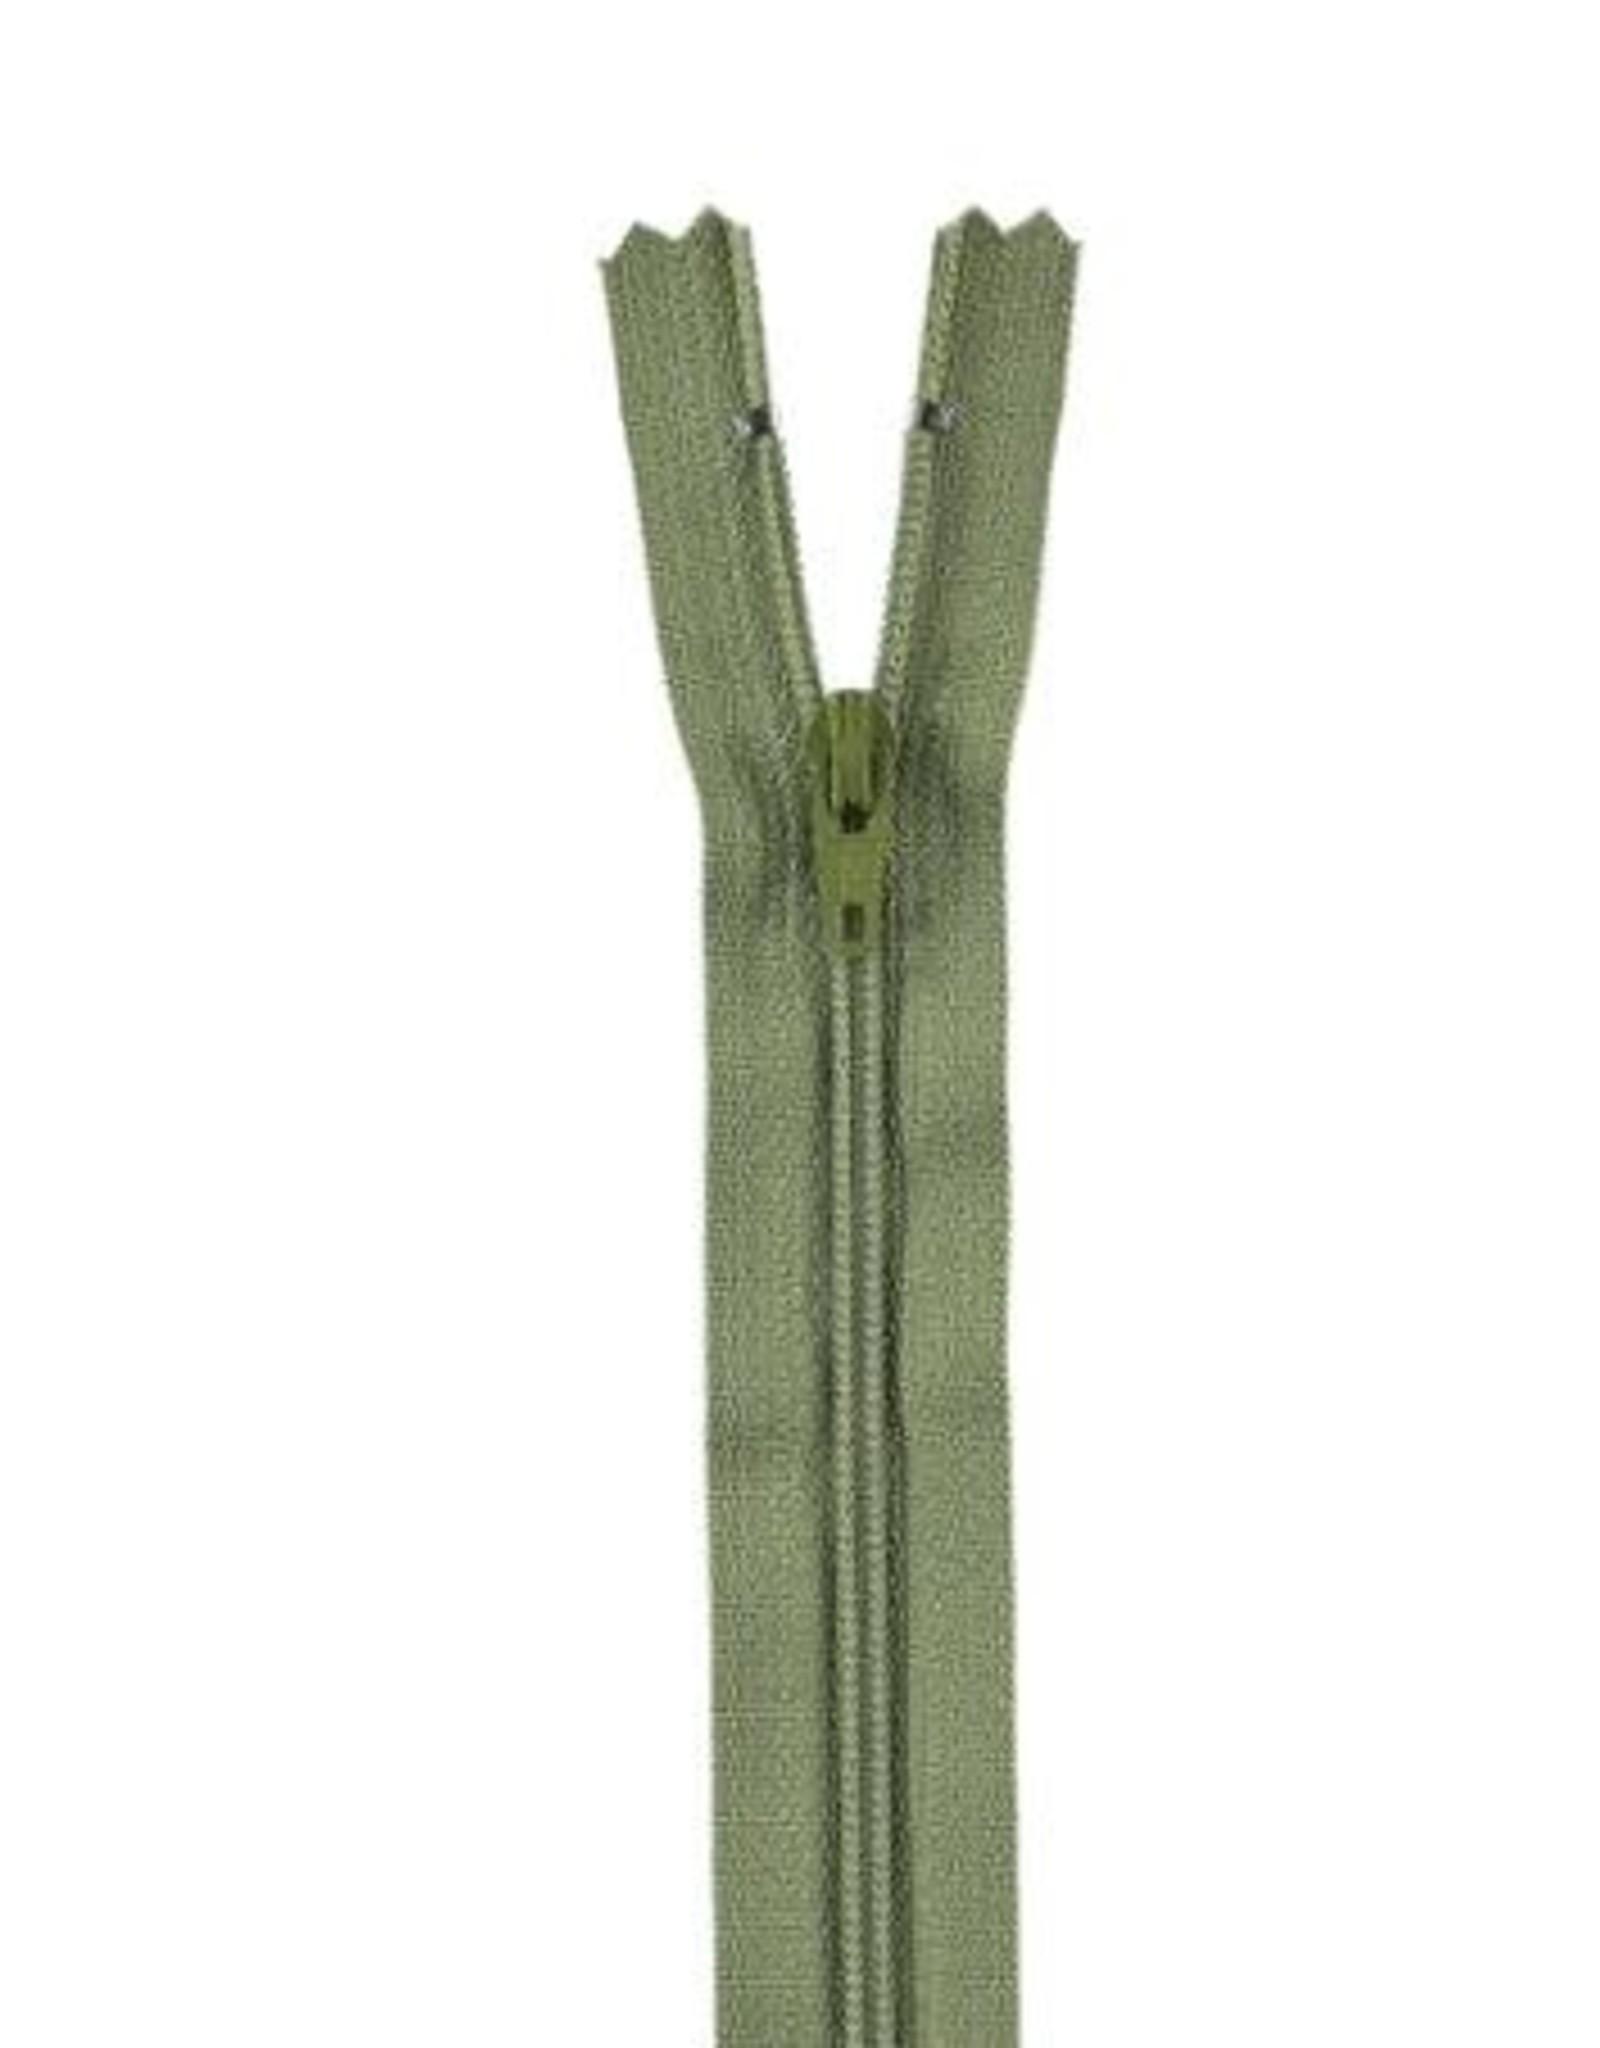 YKK Spiraalrits niet-DB 3mm mosgroen 888-35cm